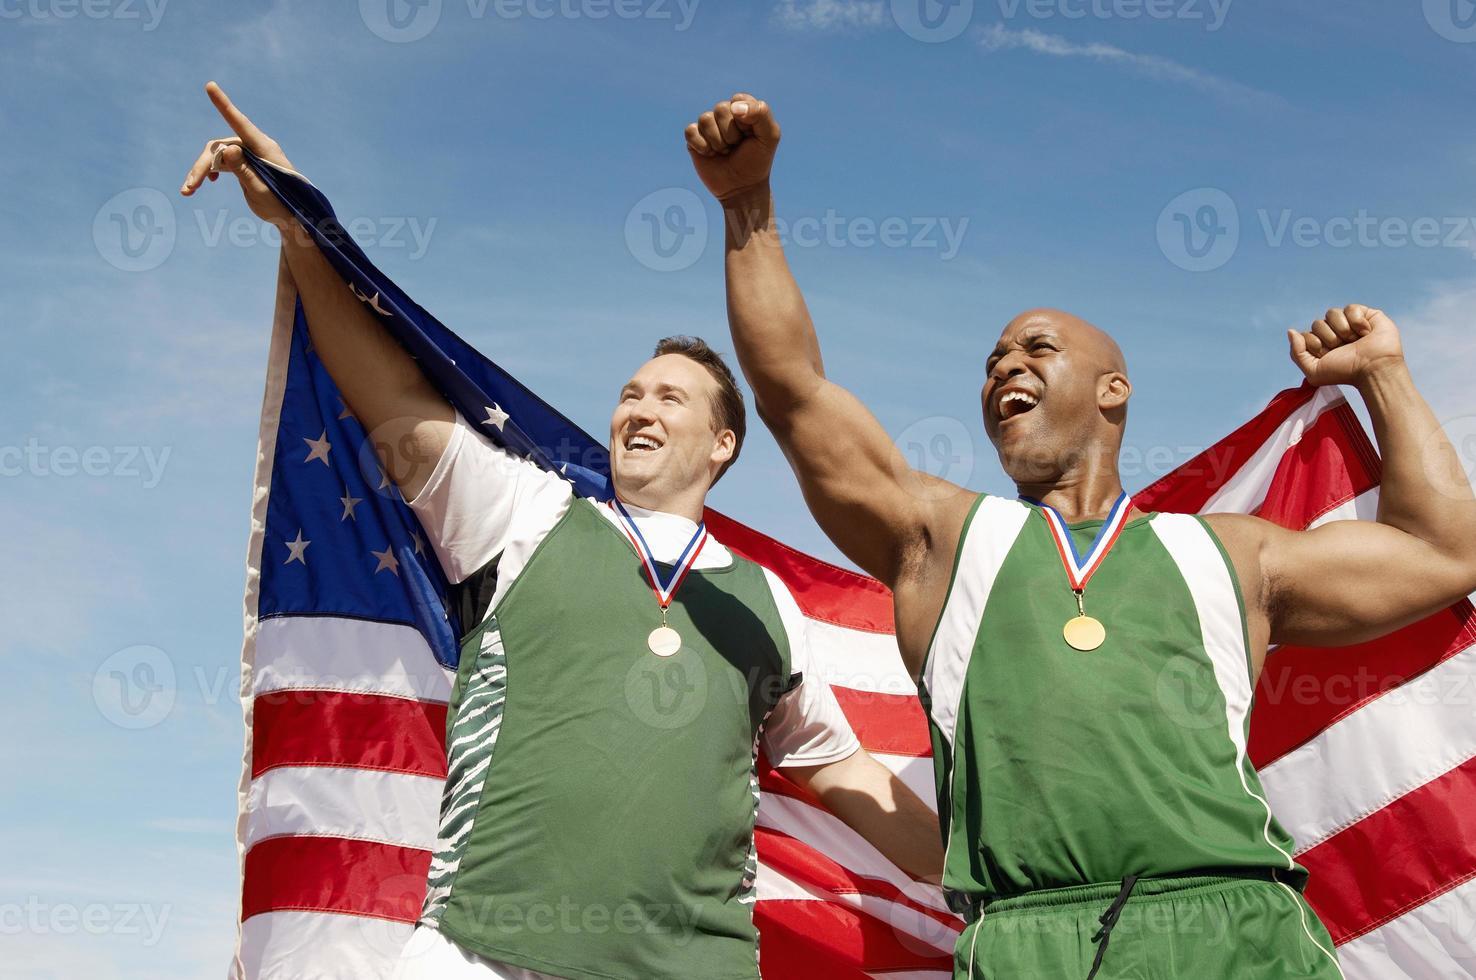 Leichtathletik-Gewinner foto